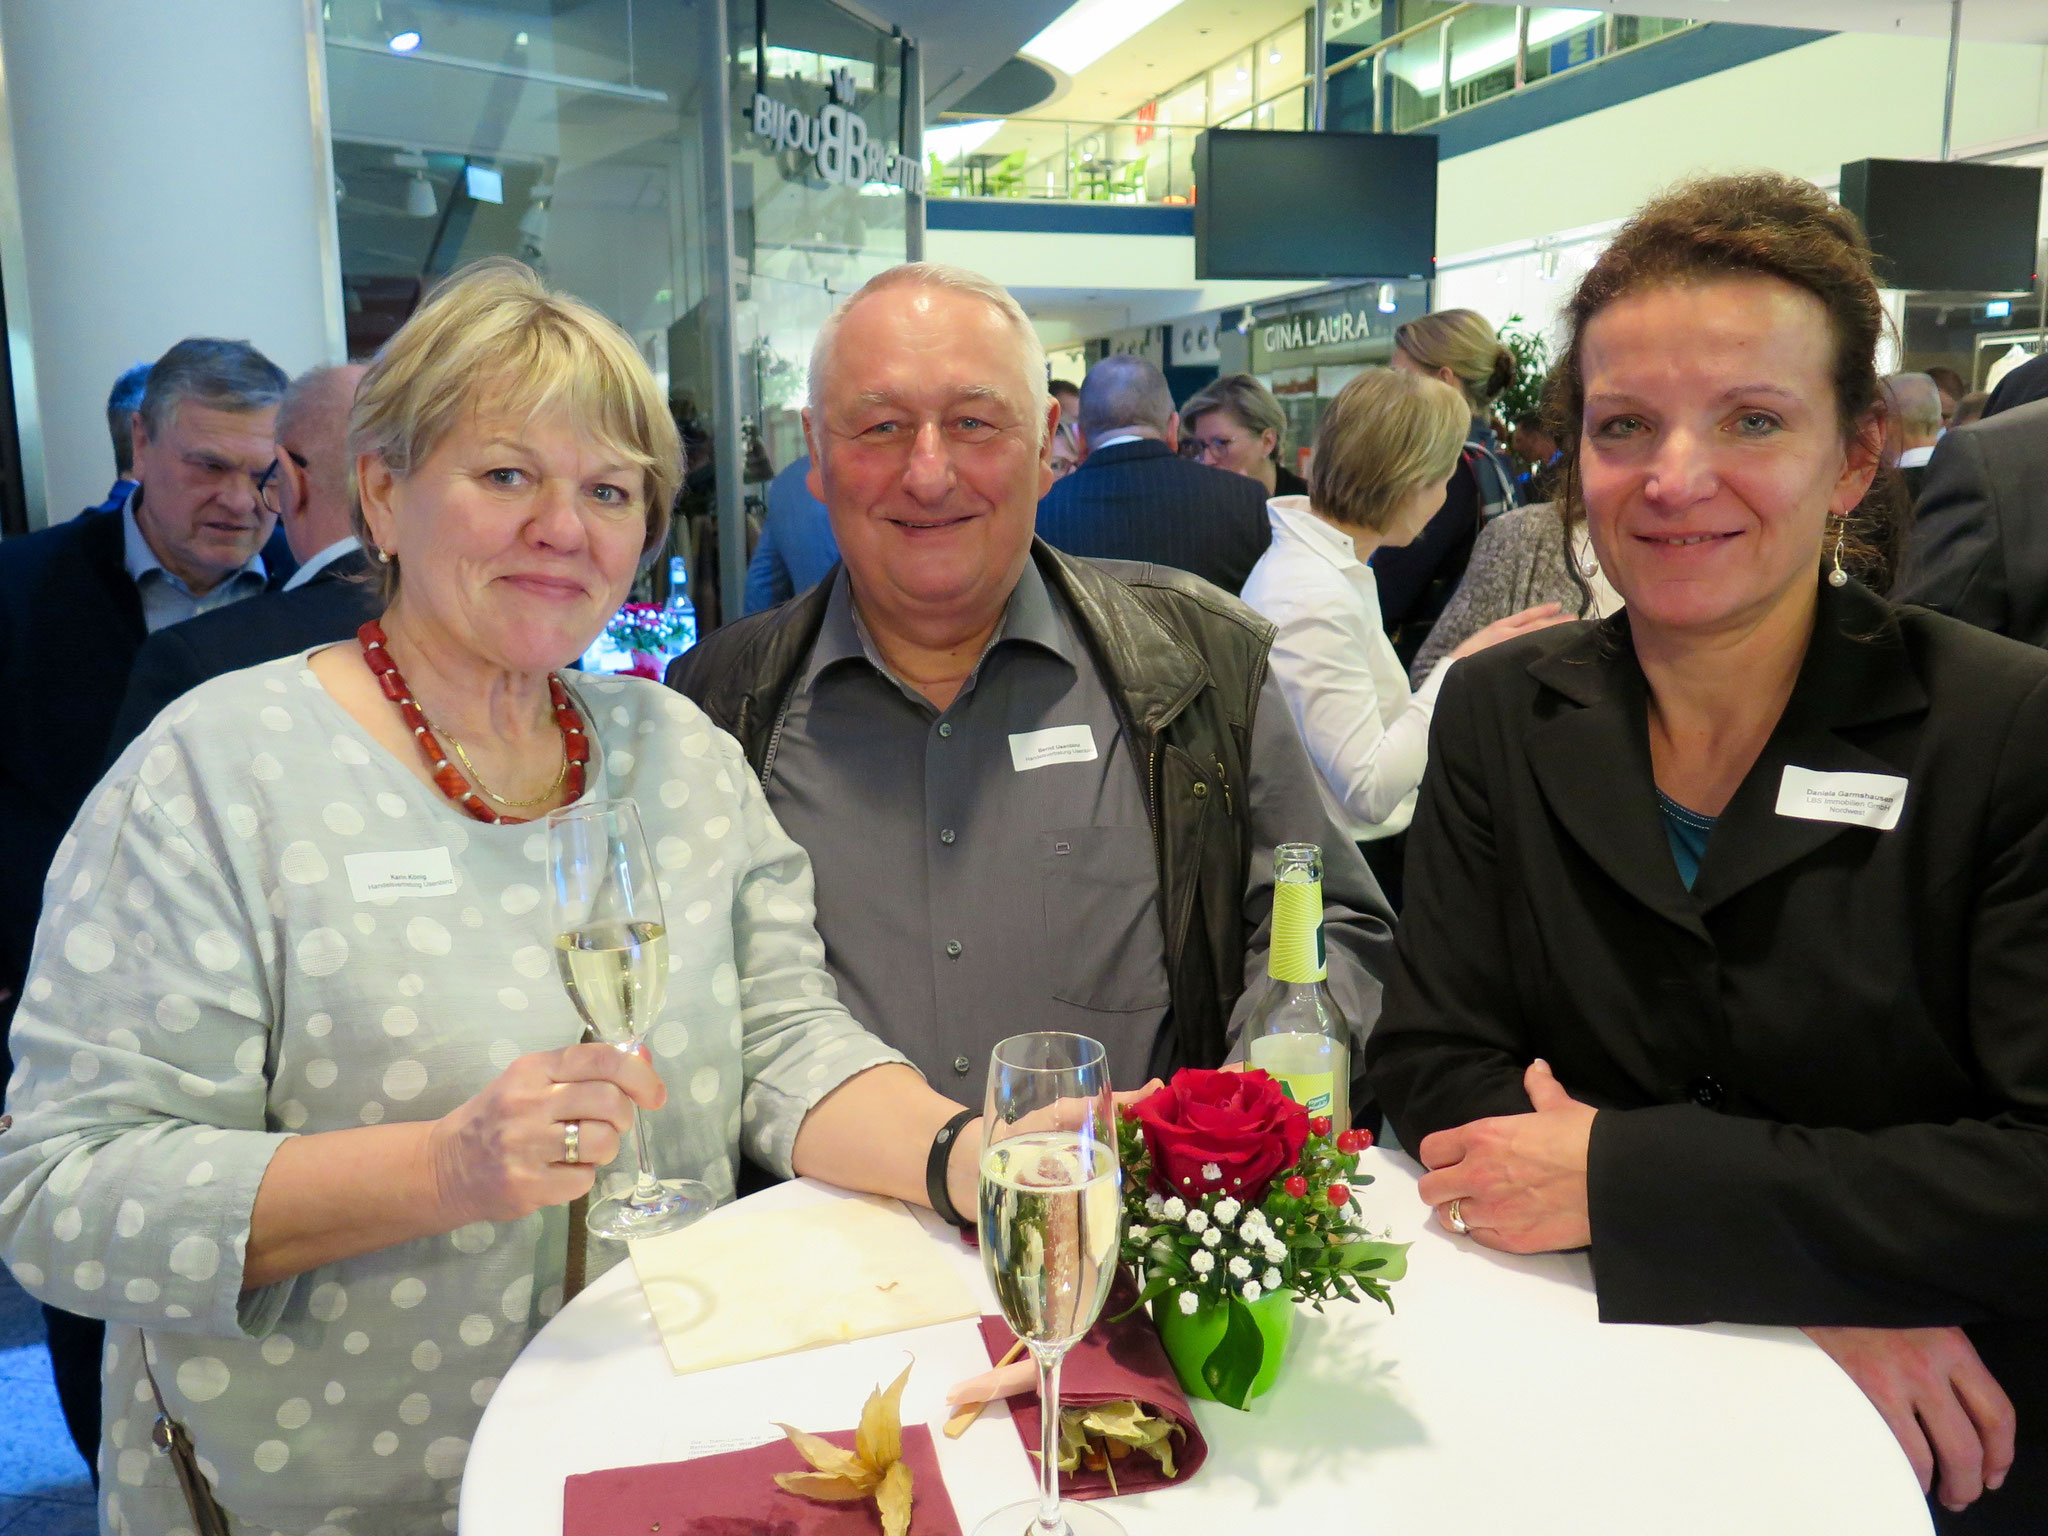 Katrin König und Bernd Usenbinz (beide Handelsvertretung Usenbinz) mit Daniela Garmshausen (LBS)